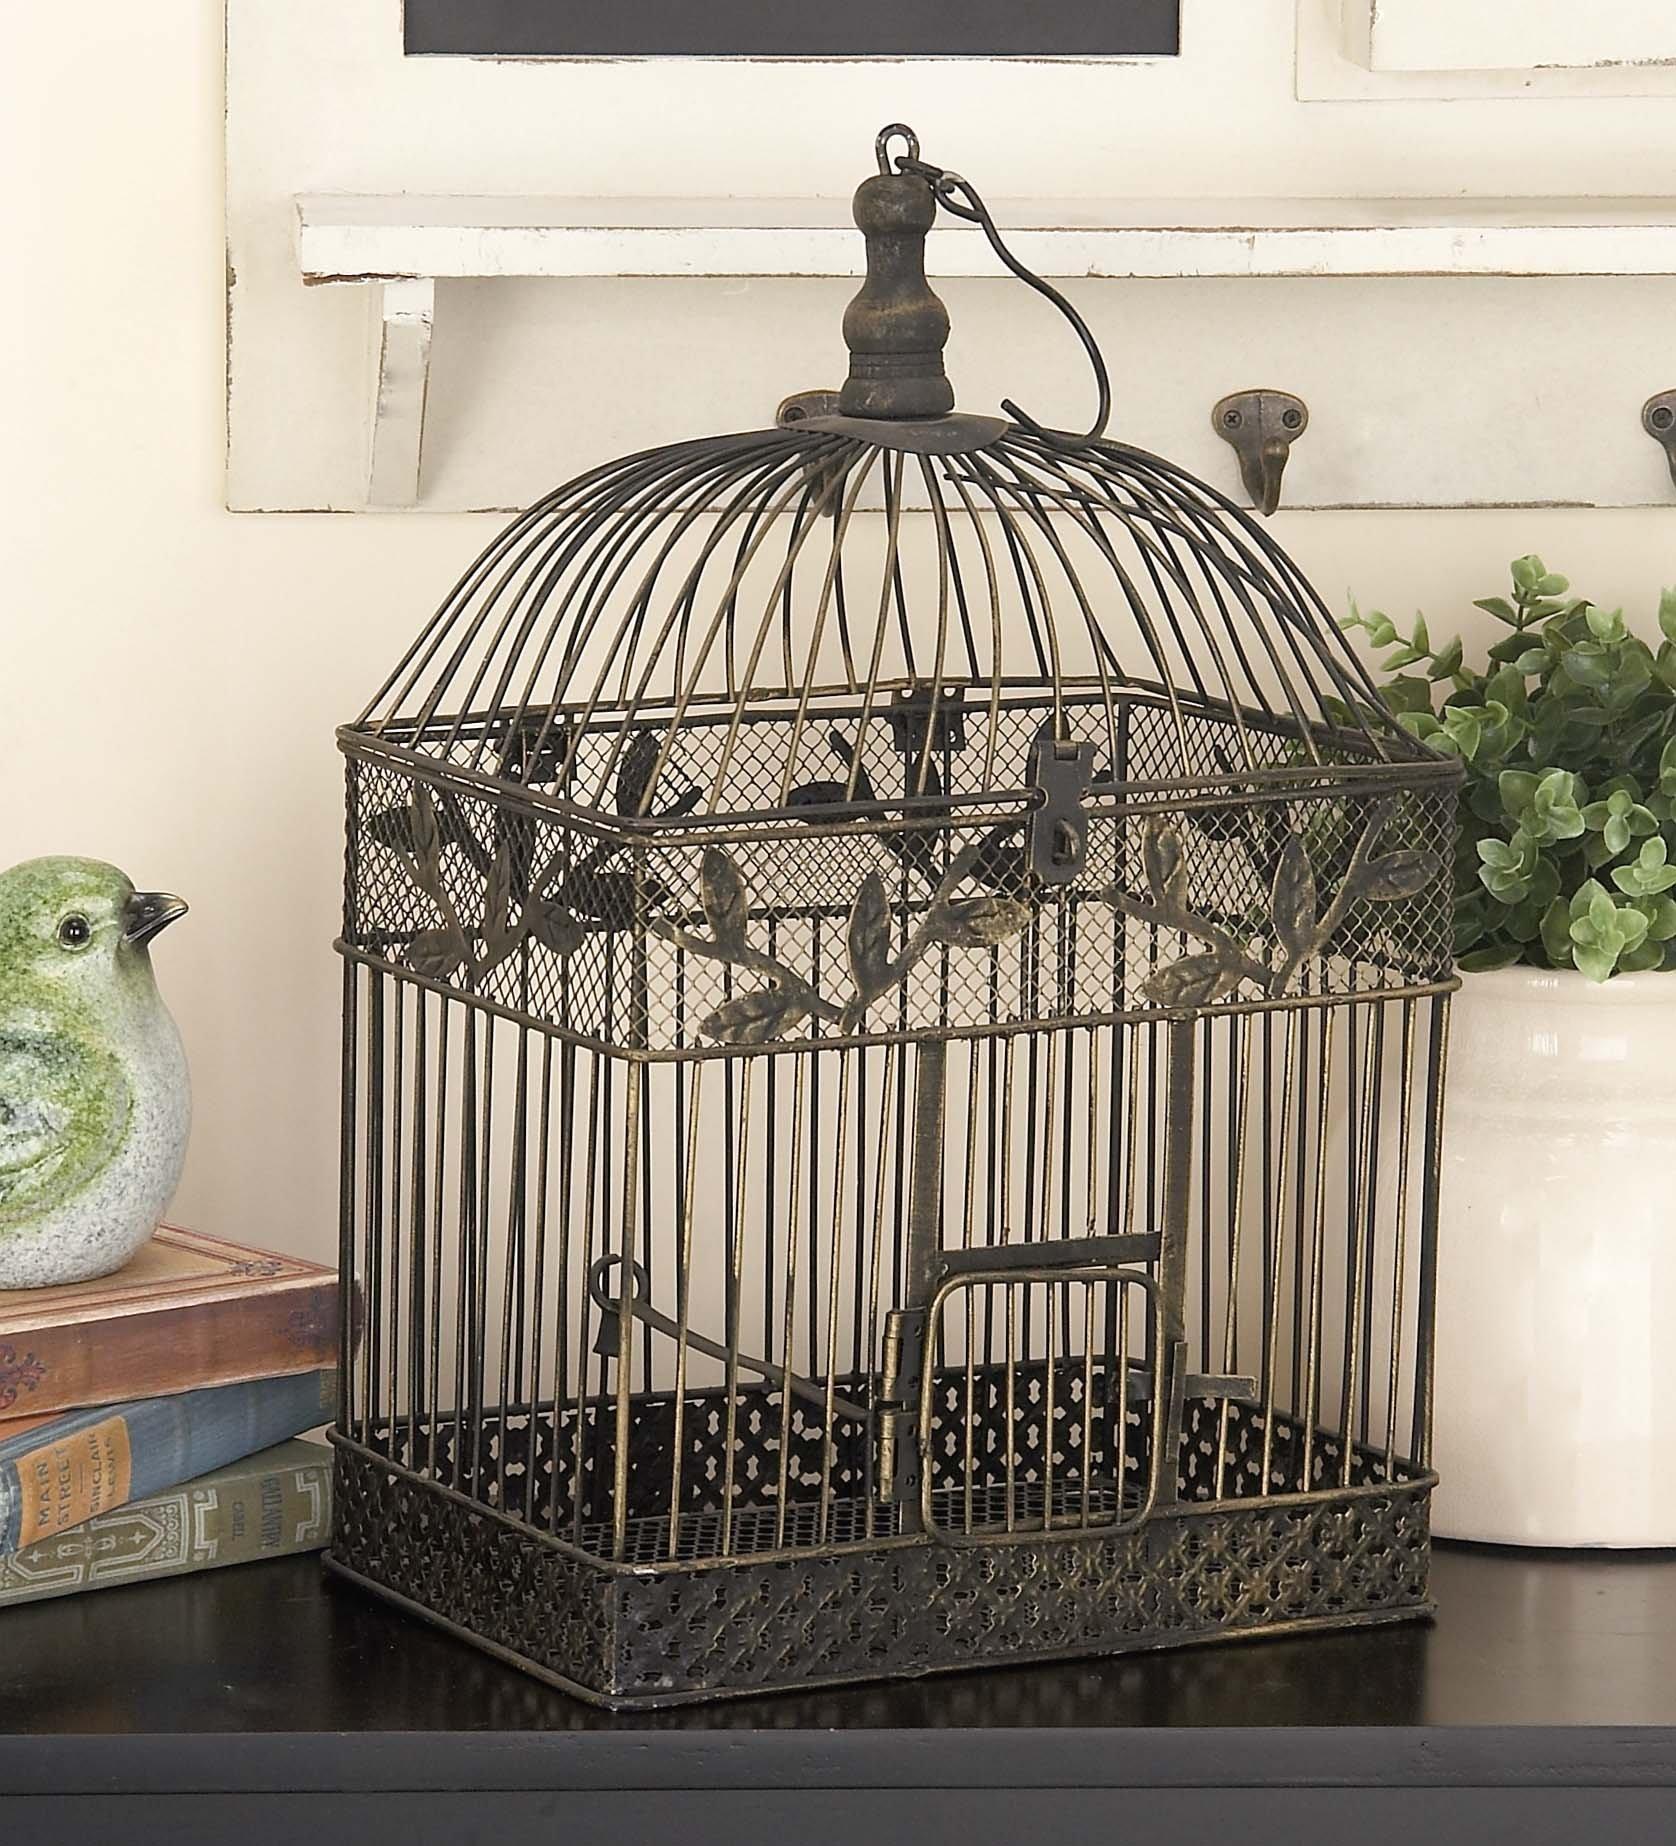 Deco 79 88016 2-Piece Metal Square Bird Cage Set by Deco 79